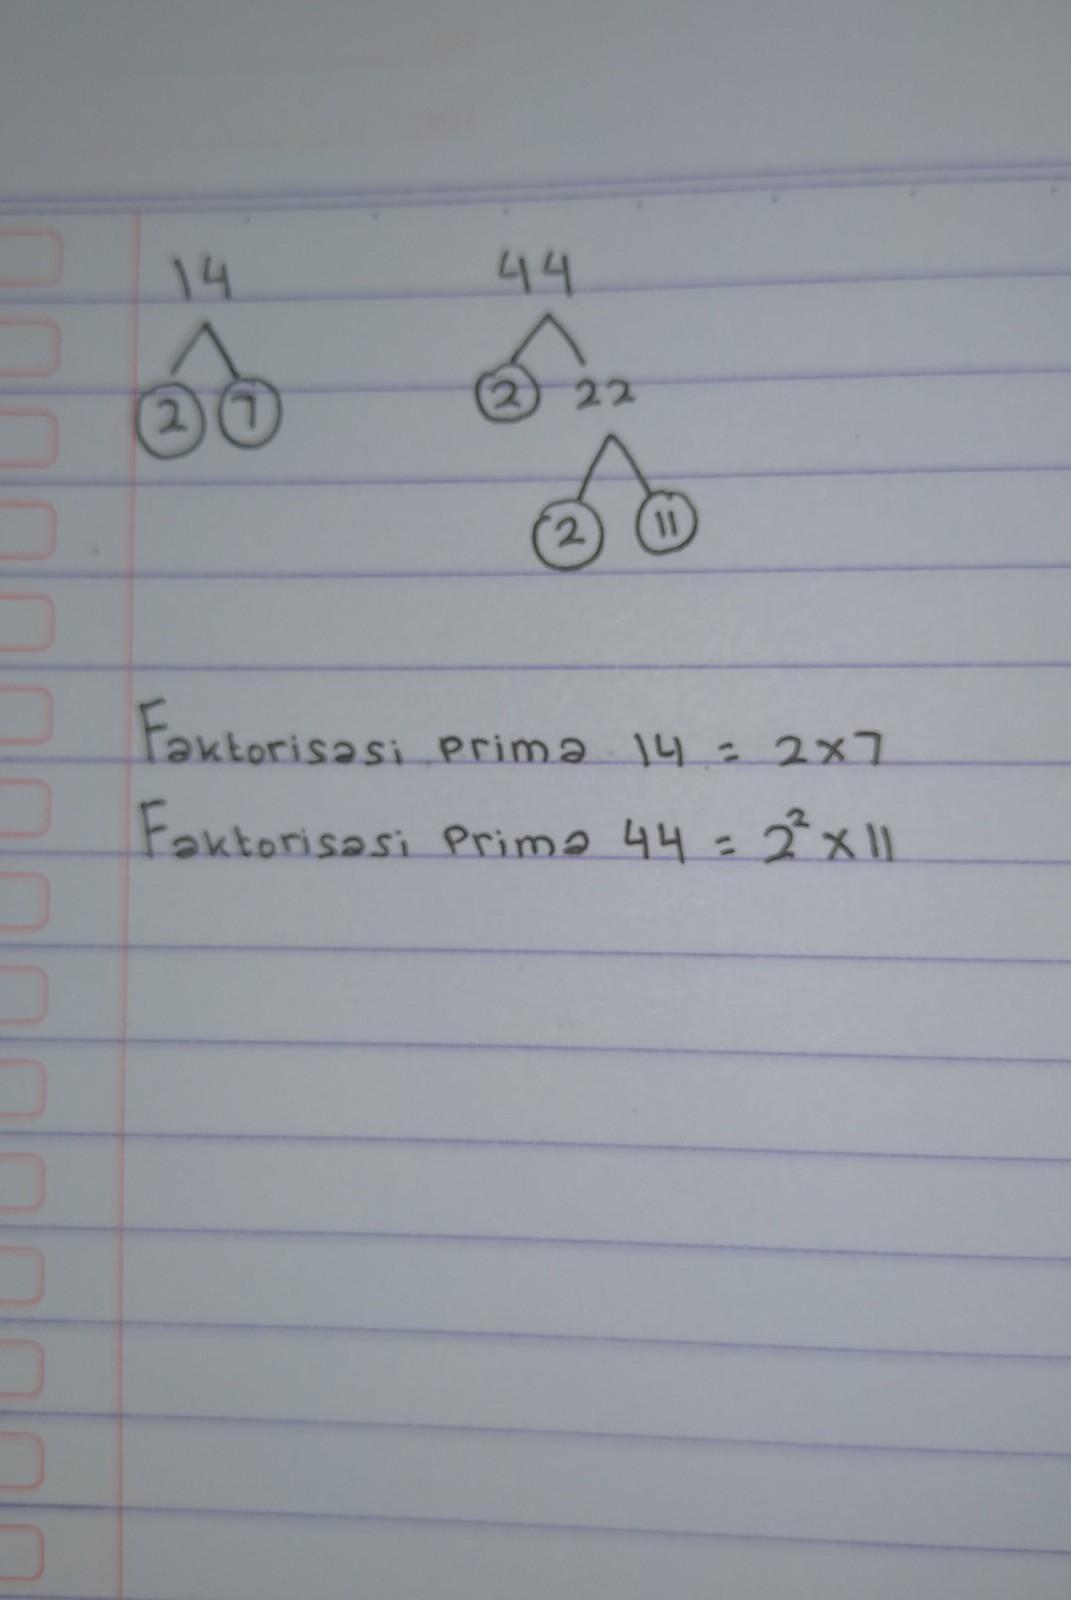 Bilangan 14 : bilangan, Buatlah, Pohon, Faktor, Untuk, Menentukan, Faktorisasi, Prima, Bilangan, Brainly.co.id